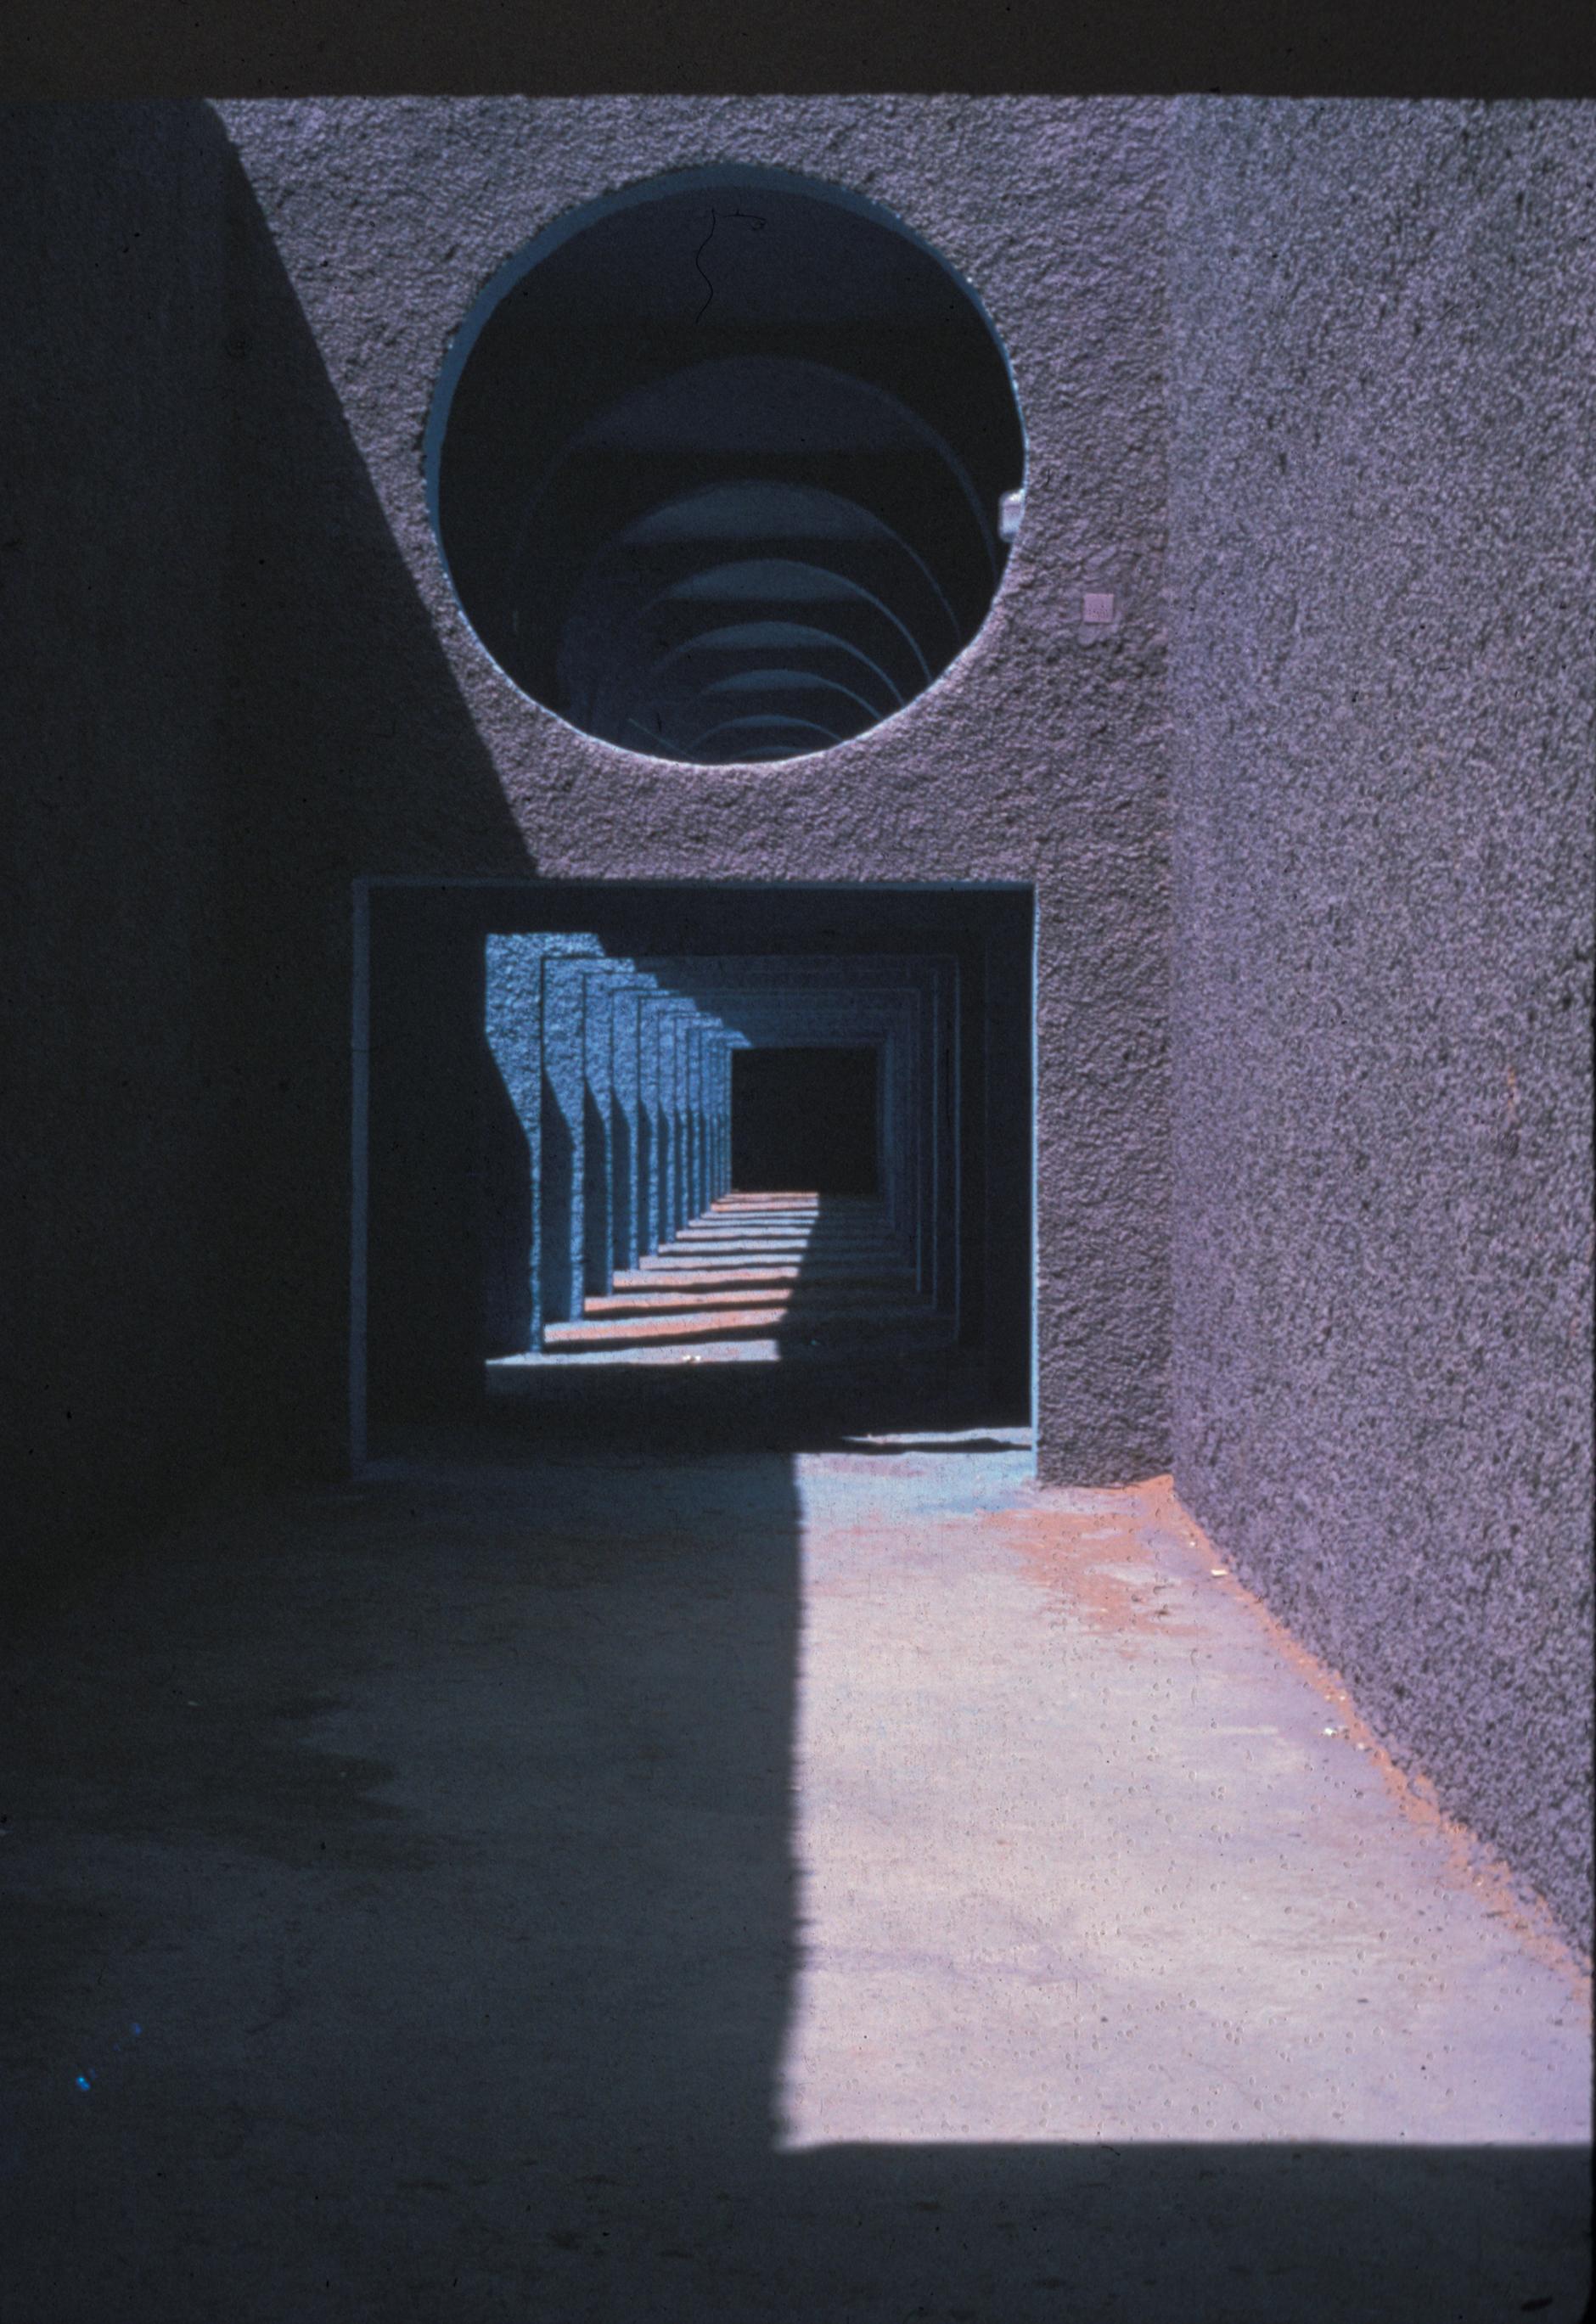 Рикардо Бофилл: самый известный архитектор постмодернизма (галерея 30, фото 0)